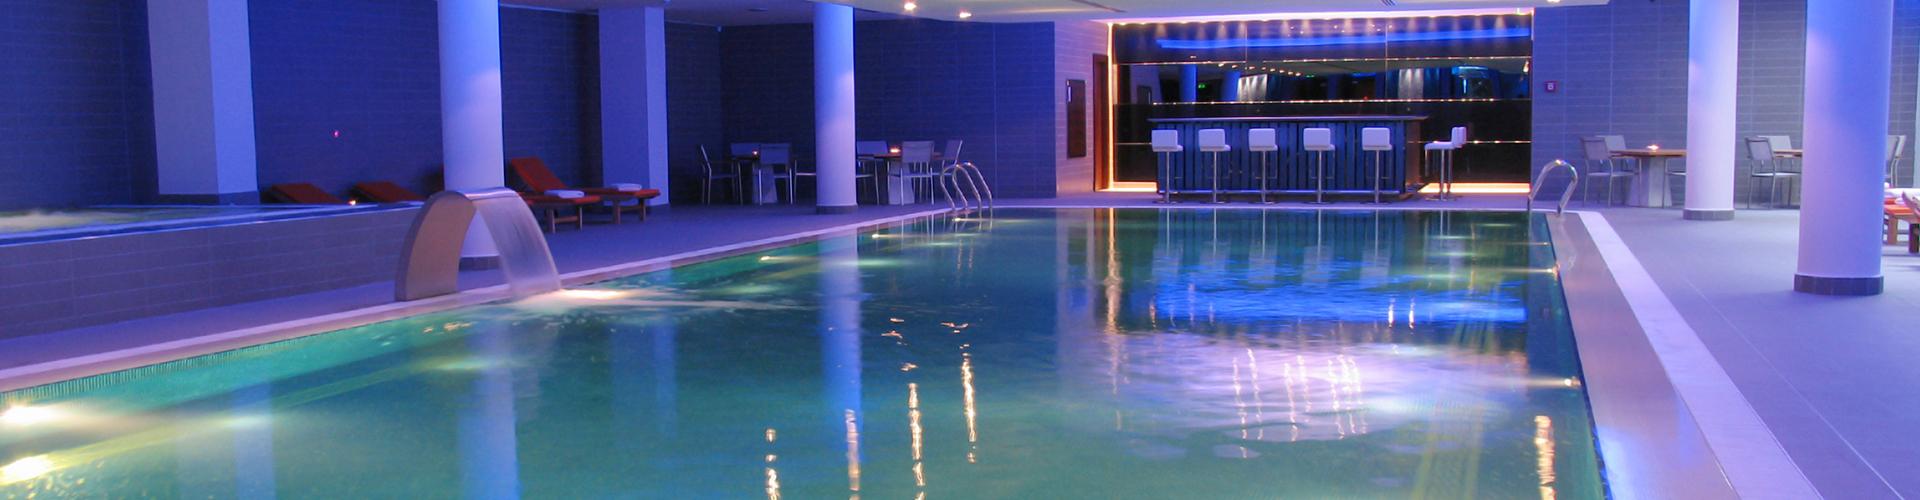 Constructeur de piscine int rieure centerspas - Piscine d interieur ...